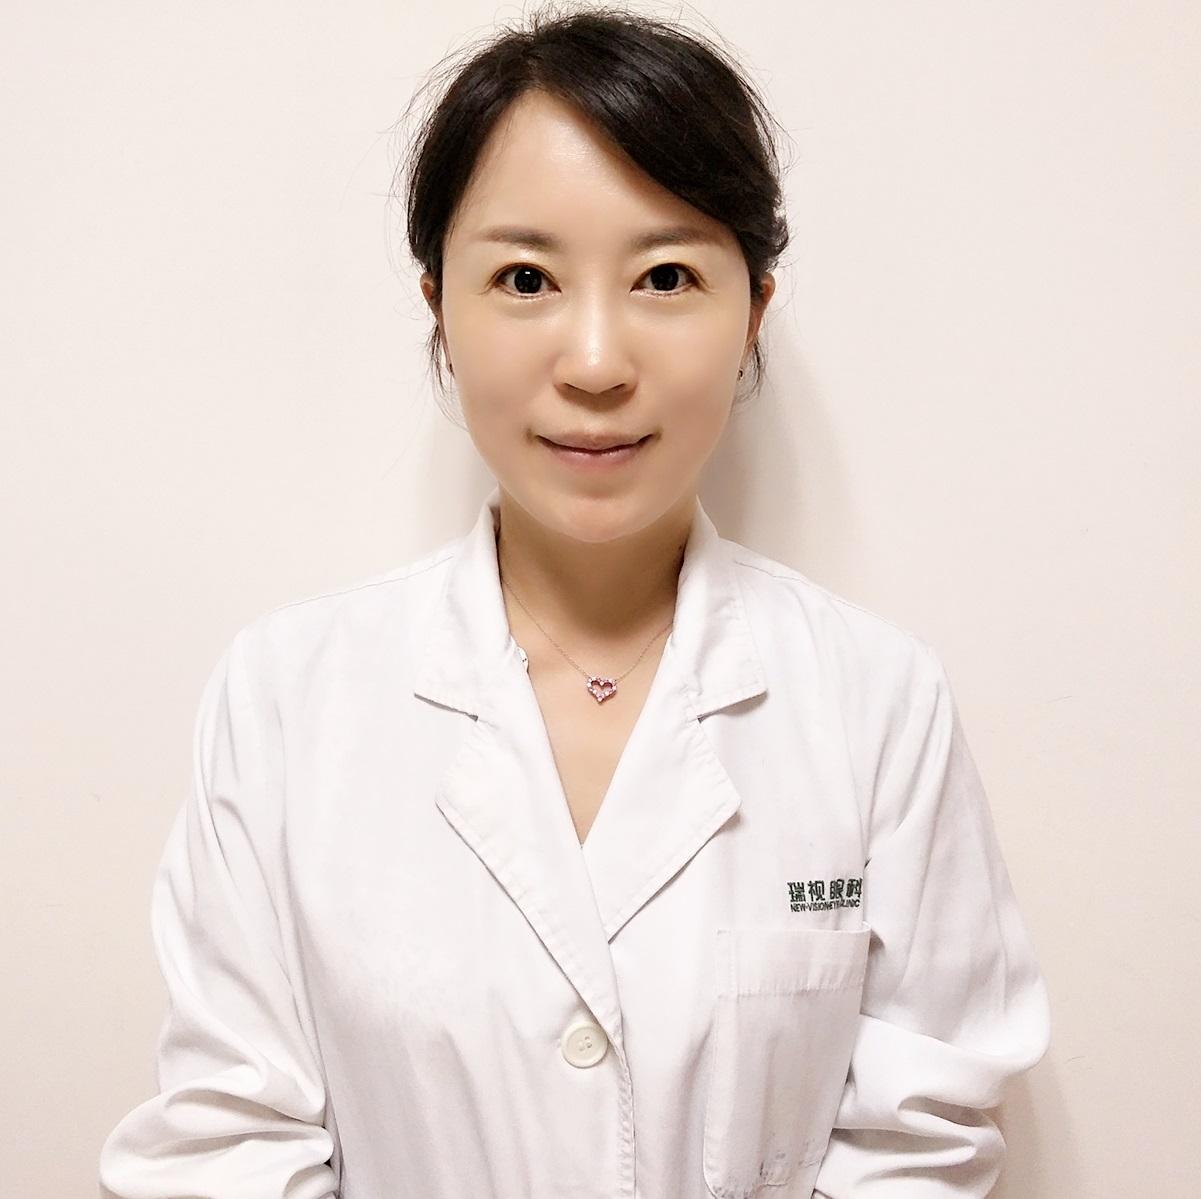 许琰-眼科医师